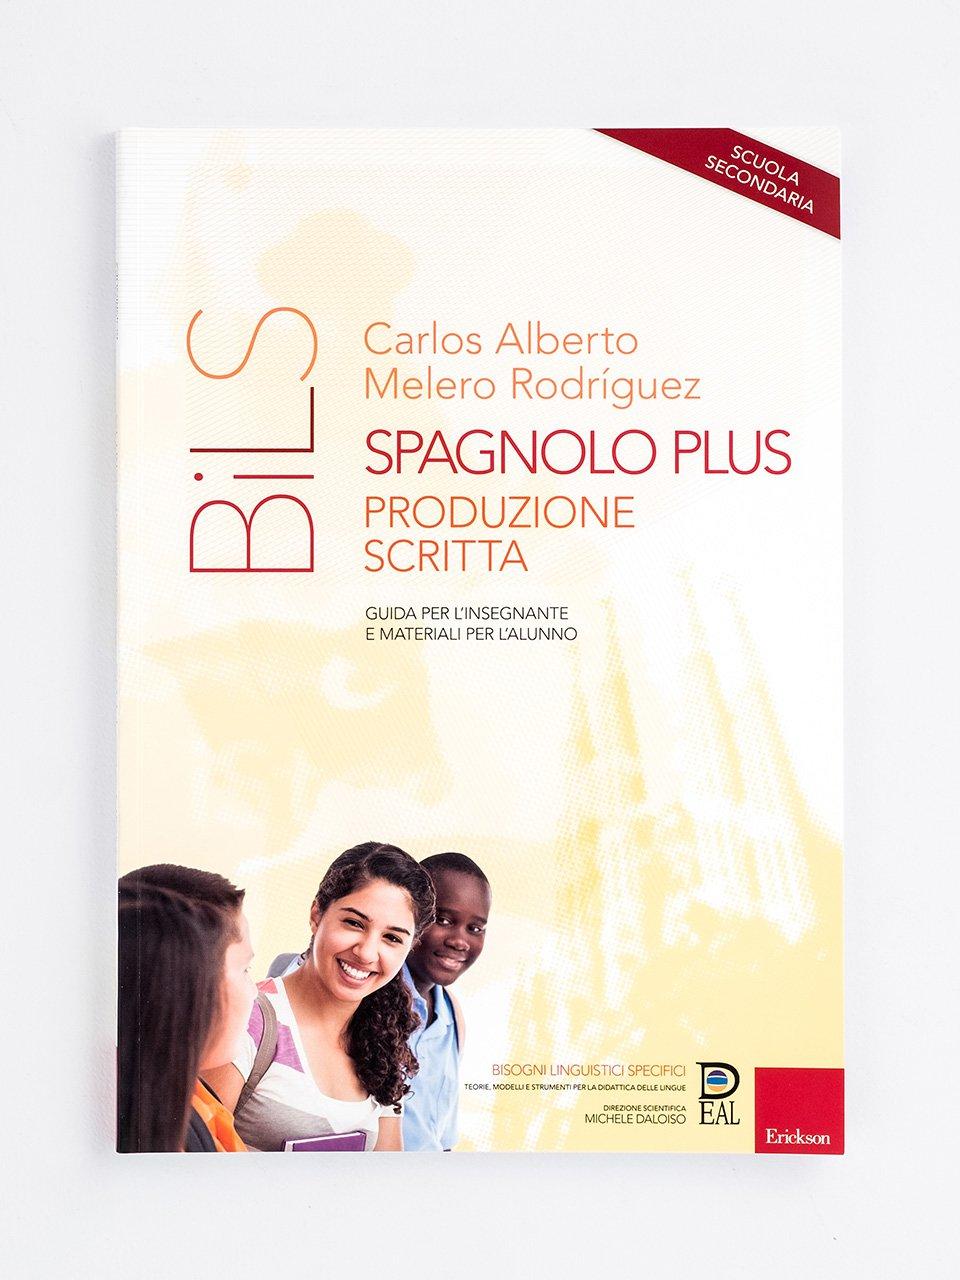 Spagnolo Plus - Produzione scritta - Libri - Erickson